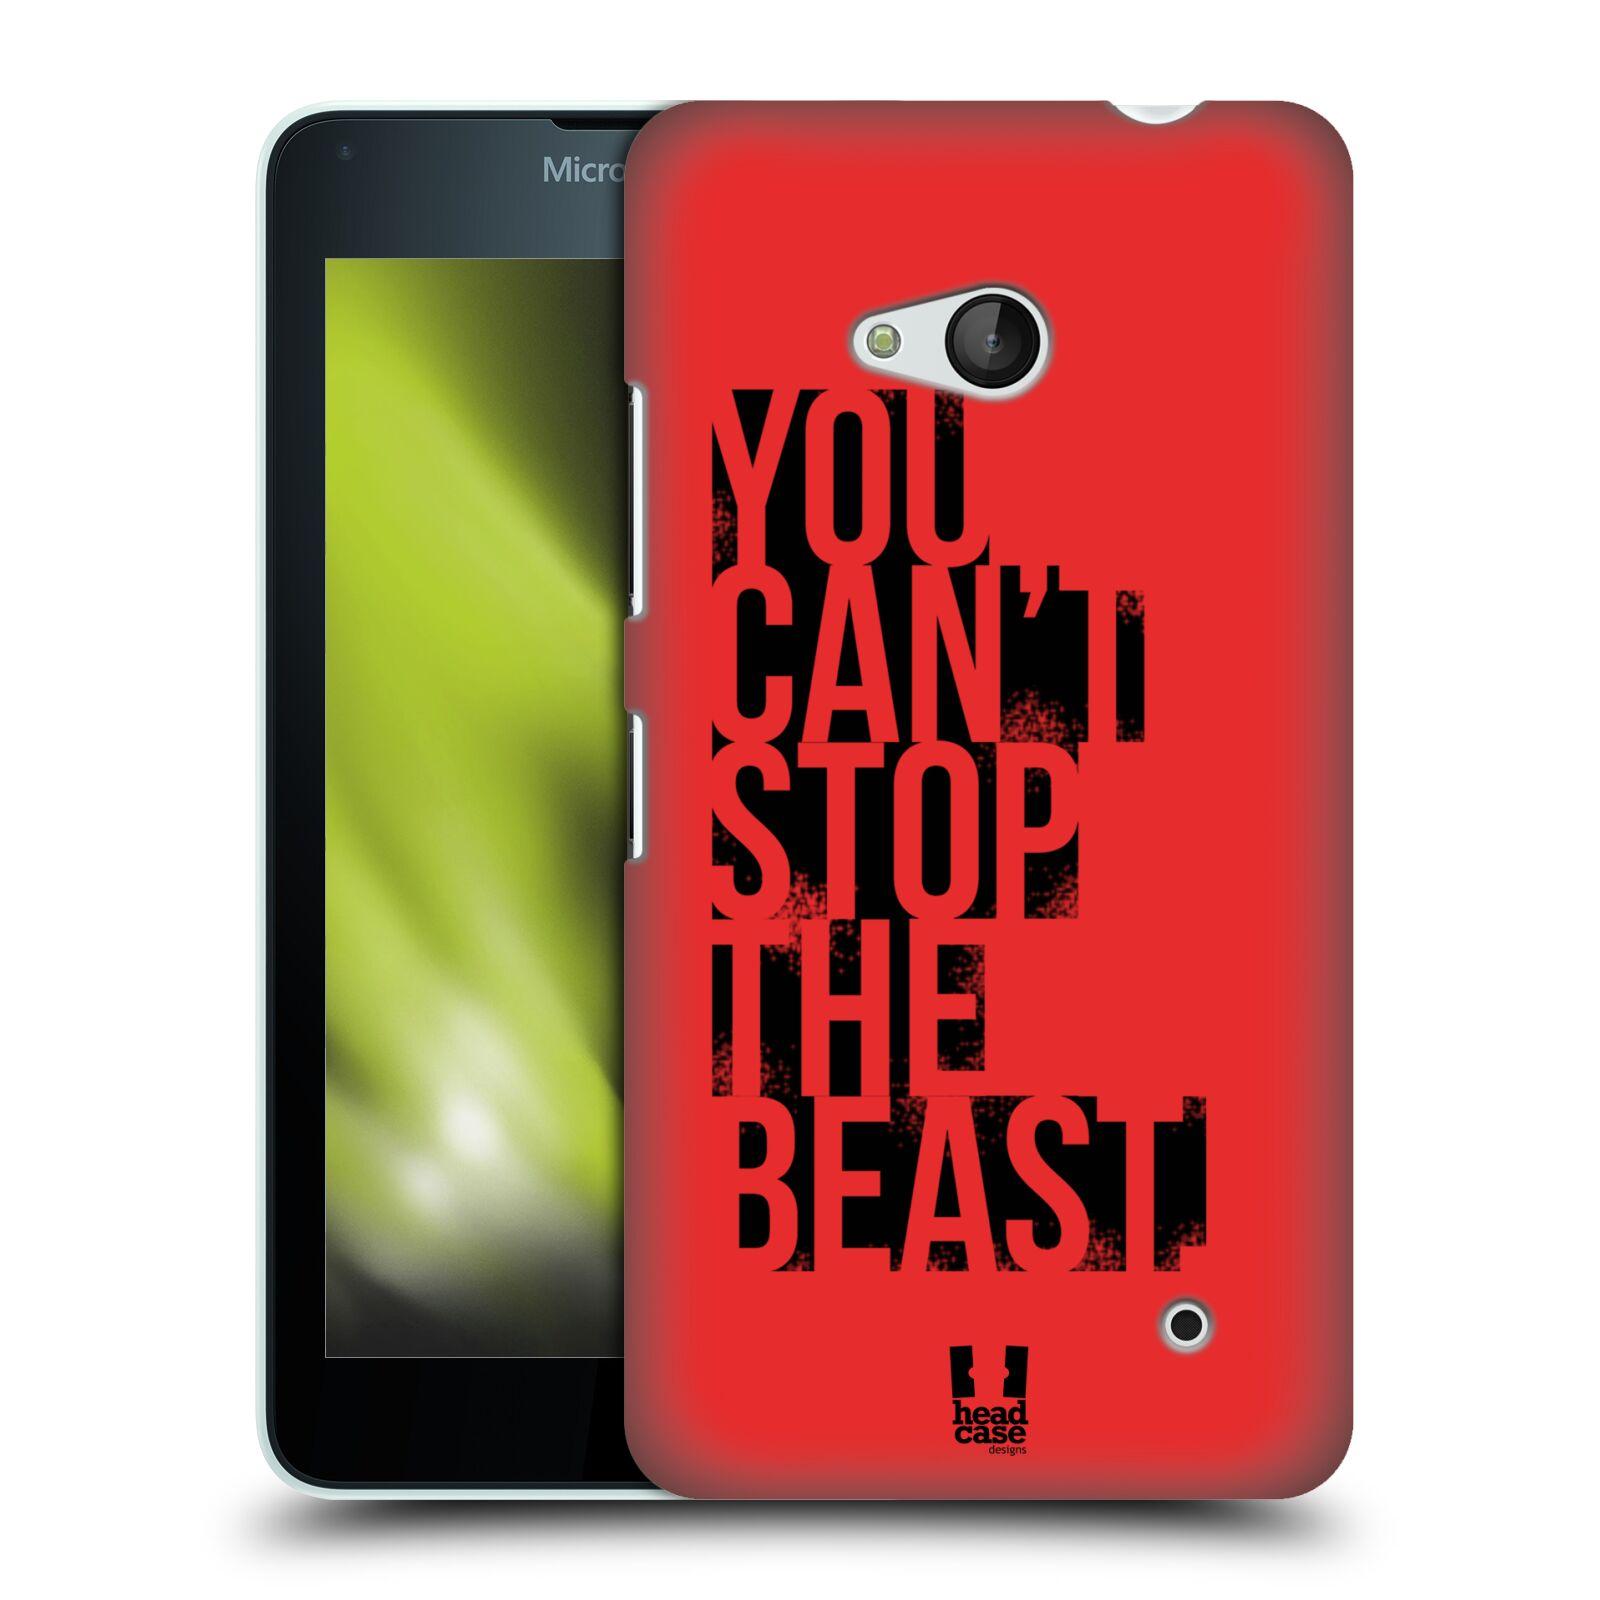 HEAD CASE plastový obal na mobil Nokia Lumia 640 Sportovní tématika Beast mode červená